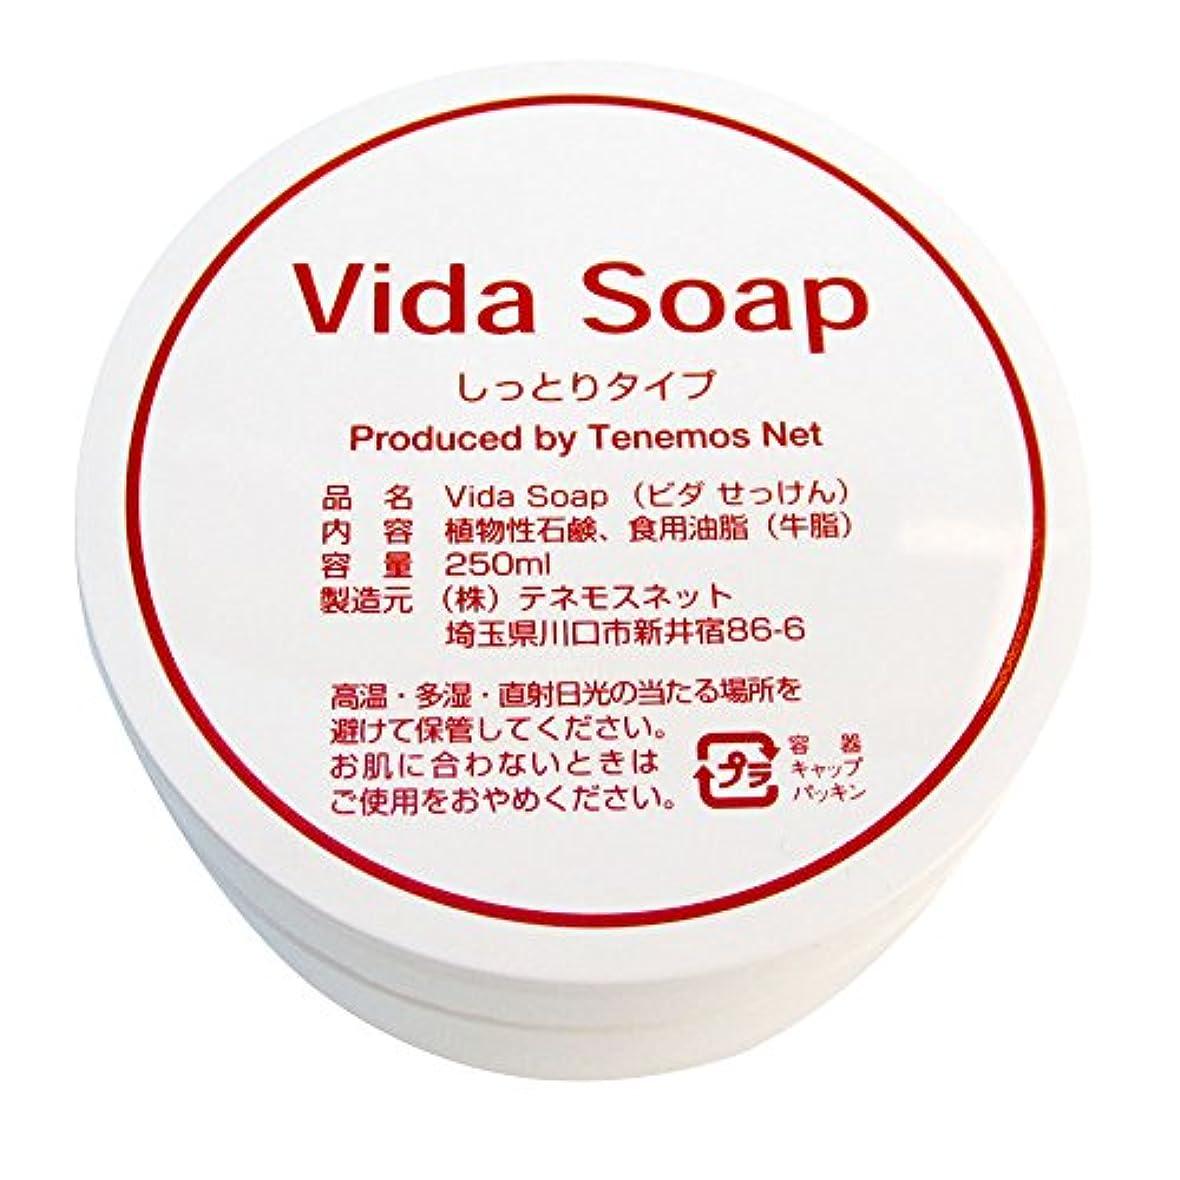 プレビューアクション厚いテネモス ビダせっけん Vida Soap しっとりノーマル 動物性 250ml